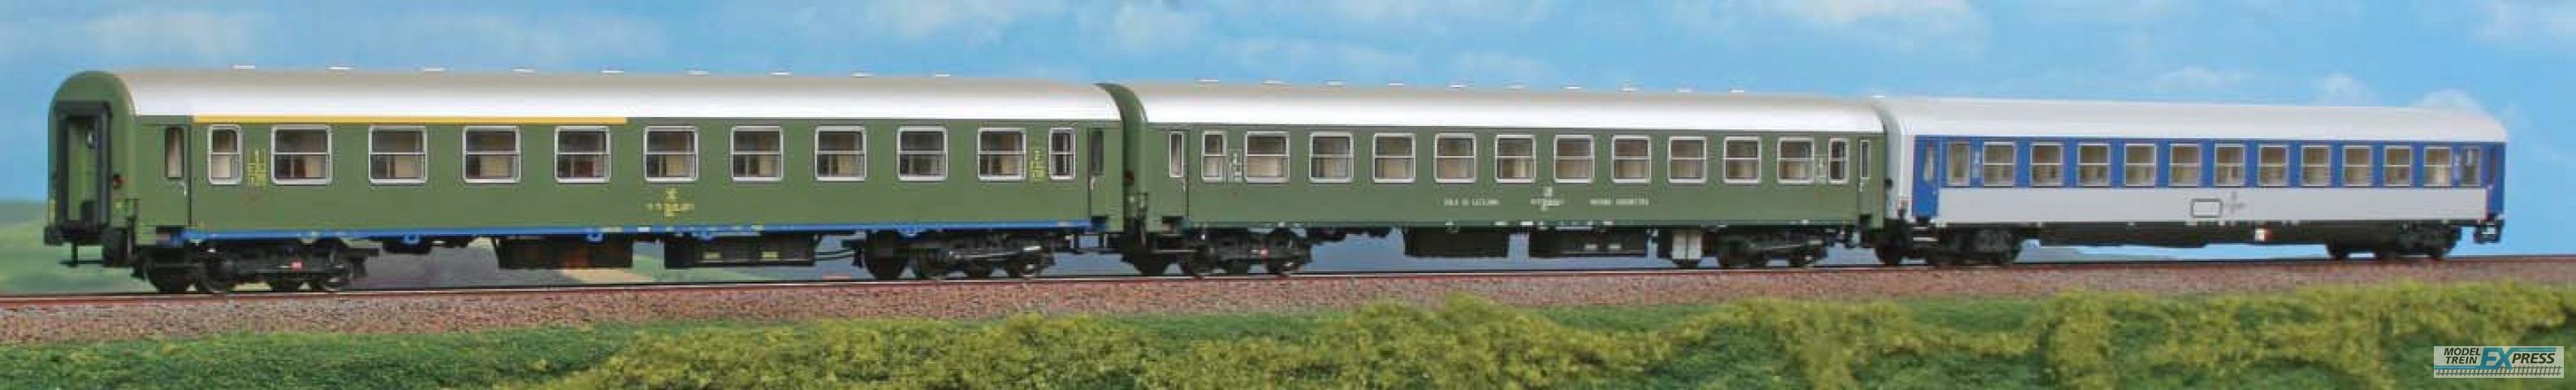 ACME 55238